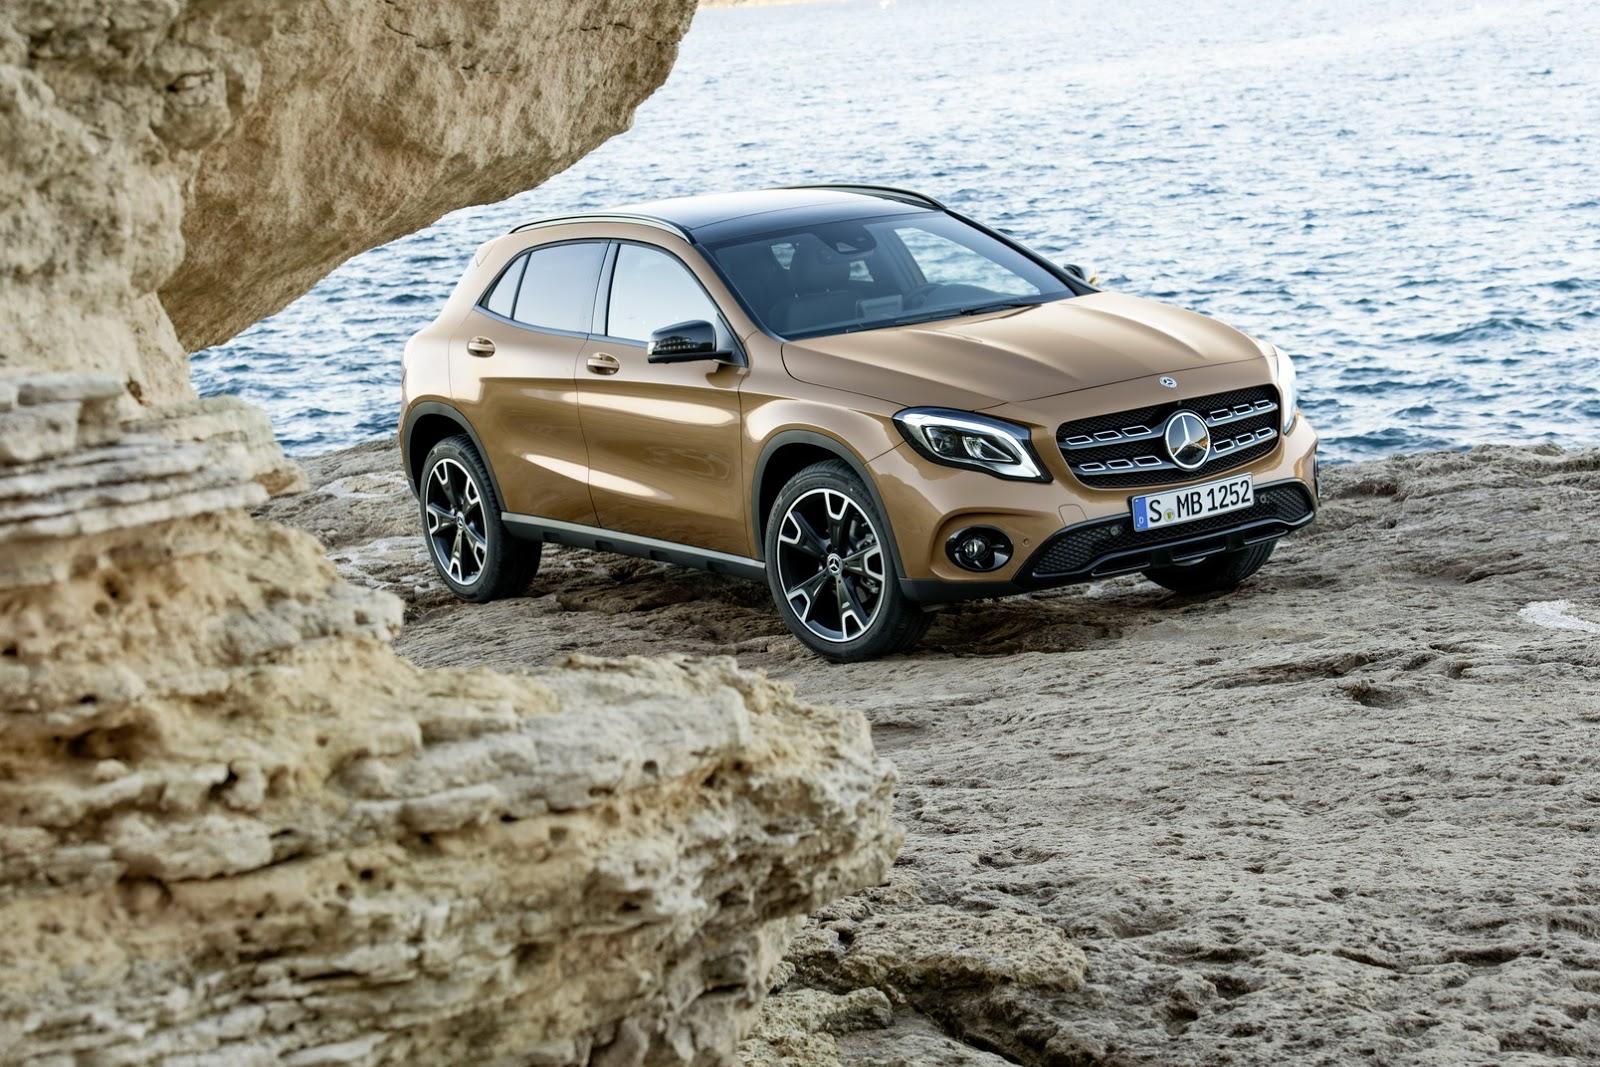 Mercedes GLA facelift and GLA 45 AMG facelift 2017 (41)